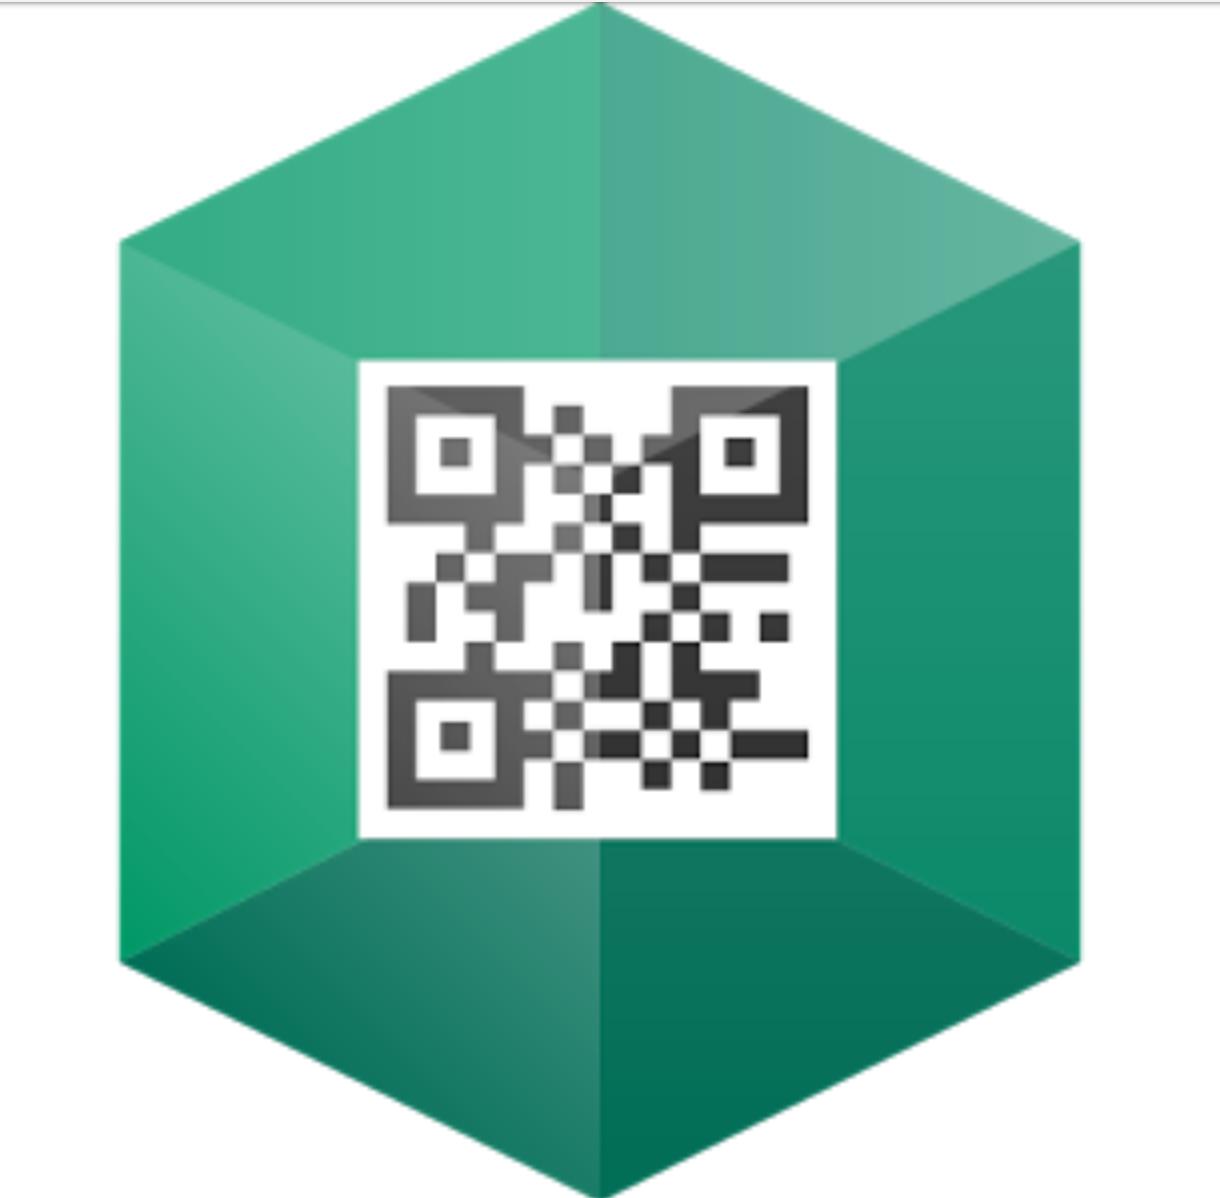 """Kaspersky veröffentlicht den kostenlosen """"Kaspersky QR Scanner"""" für Android & iOS"""